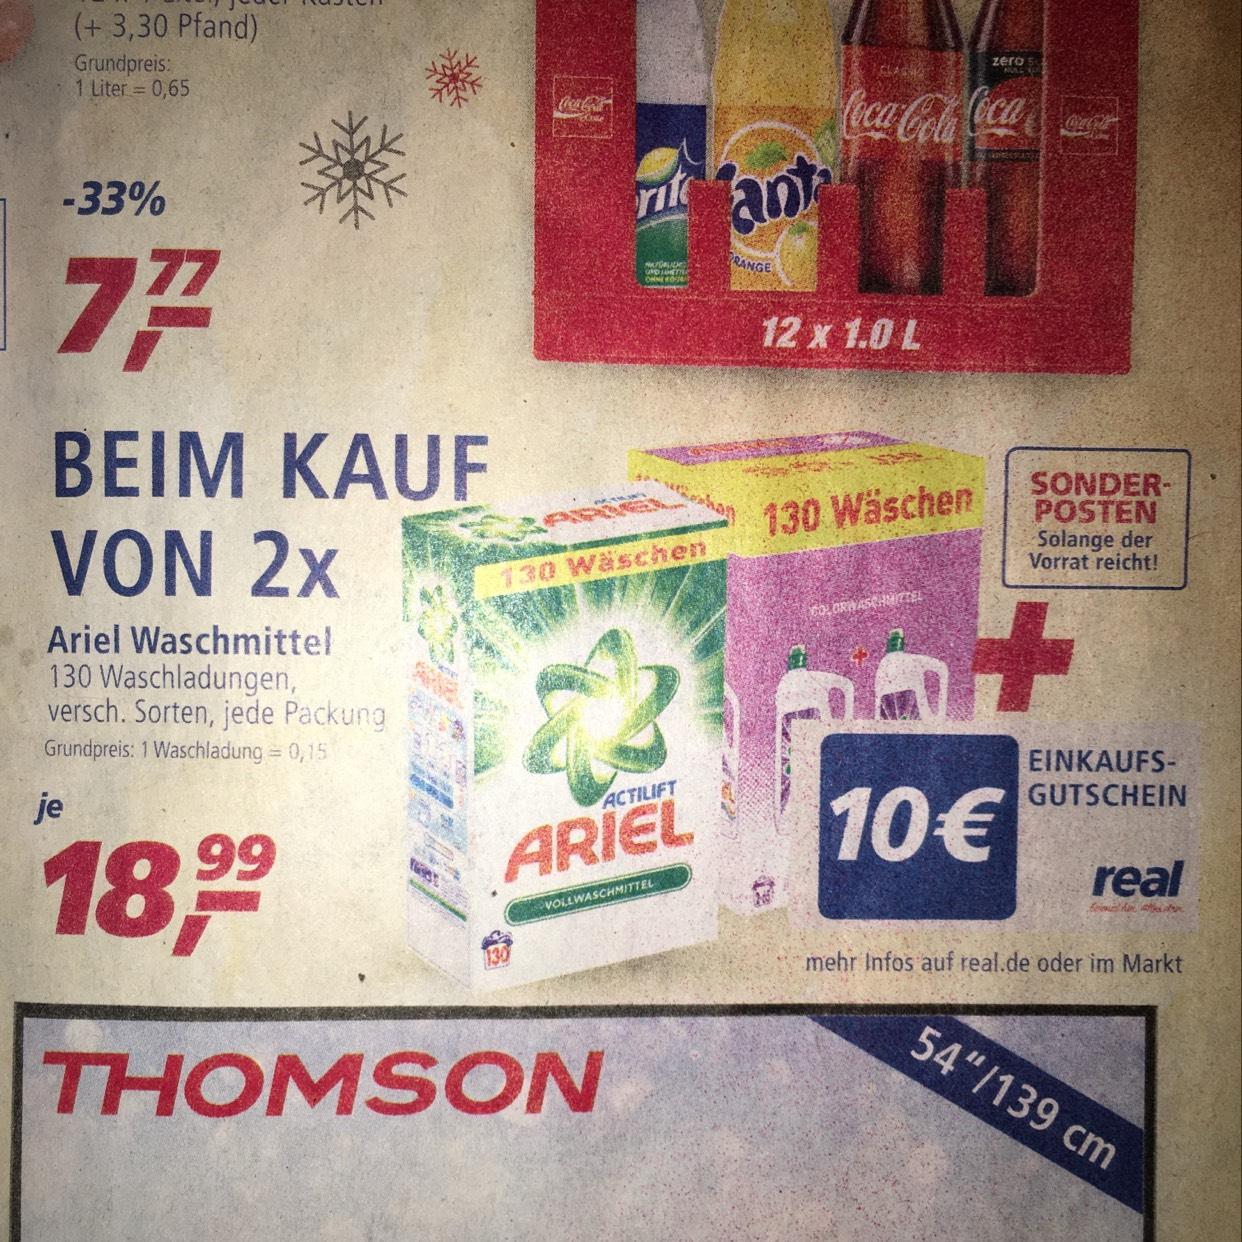 Doppelpack Ariel 130 waschladungen plus 10 Euro einkaufsgutschein